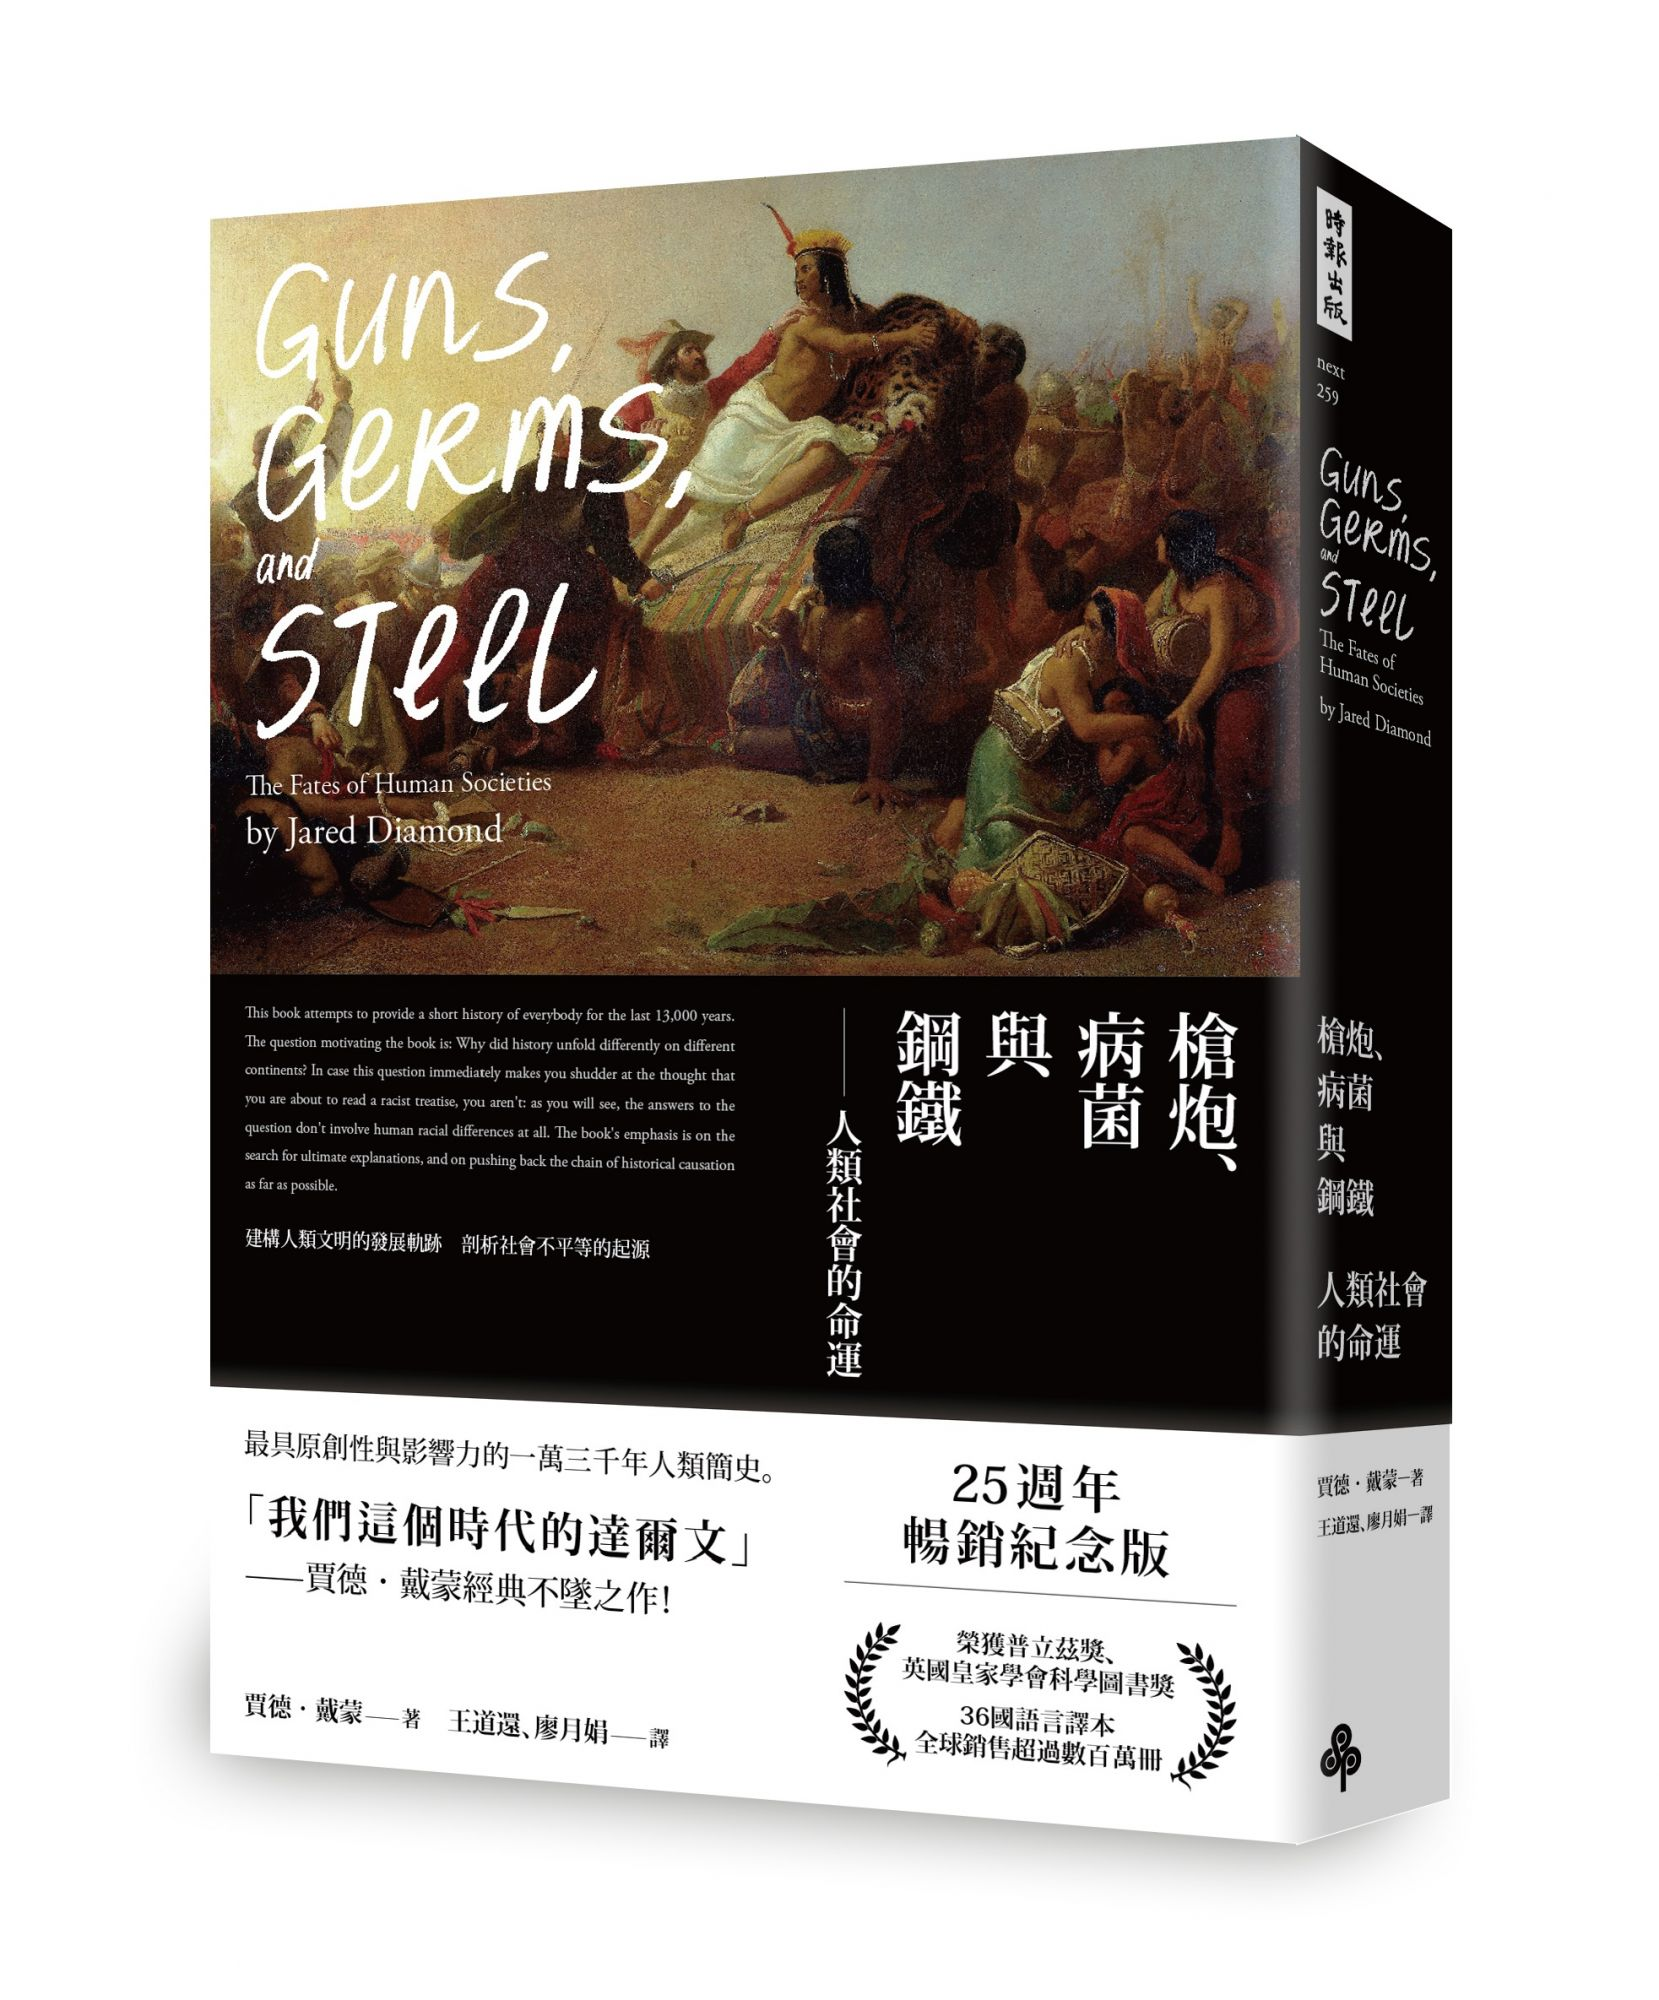 《槍炮、病菌與鋼鐵:人類社會的命運》(圖片提供/時報出版)